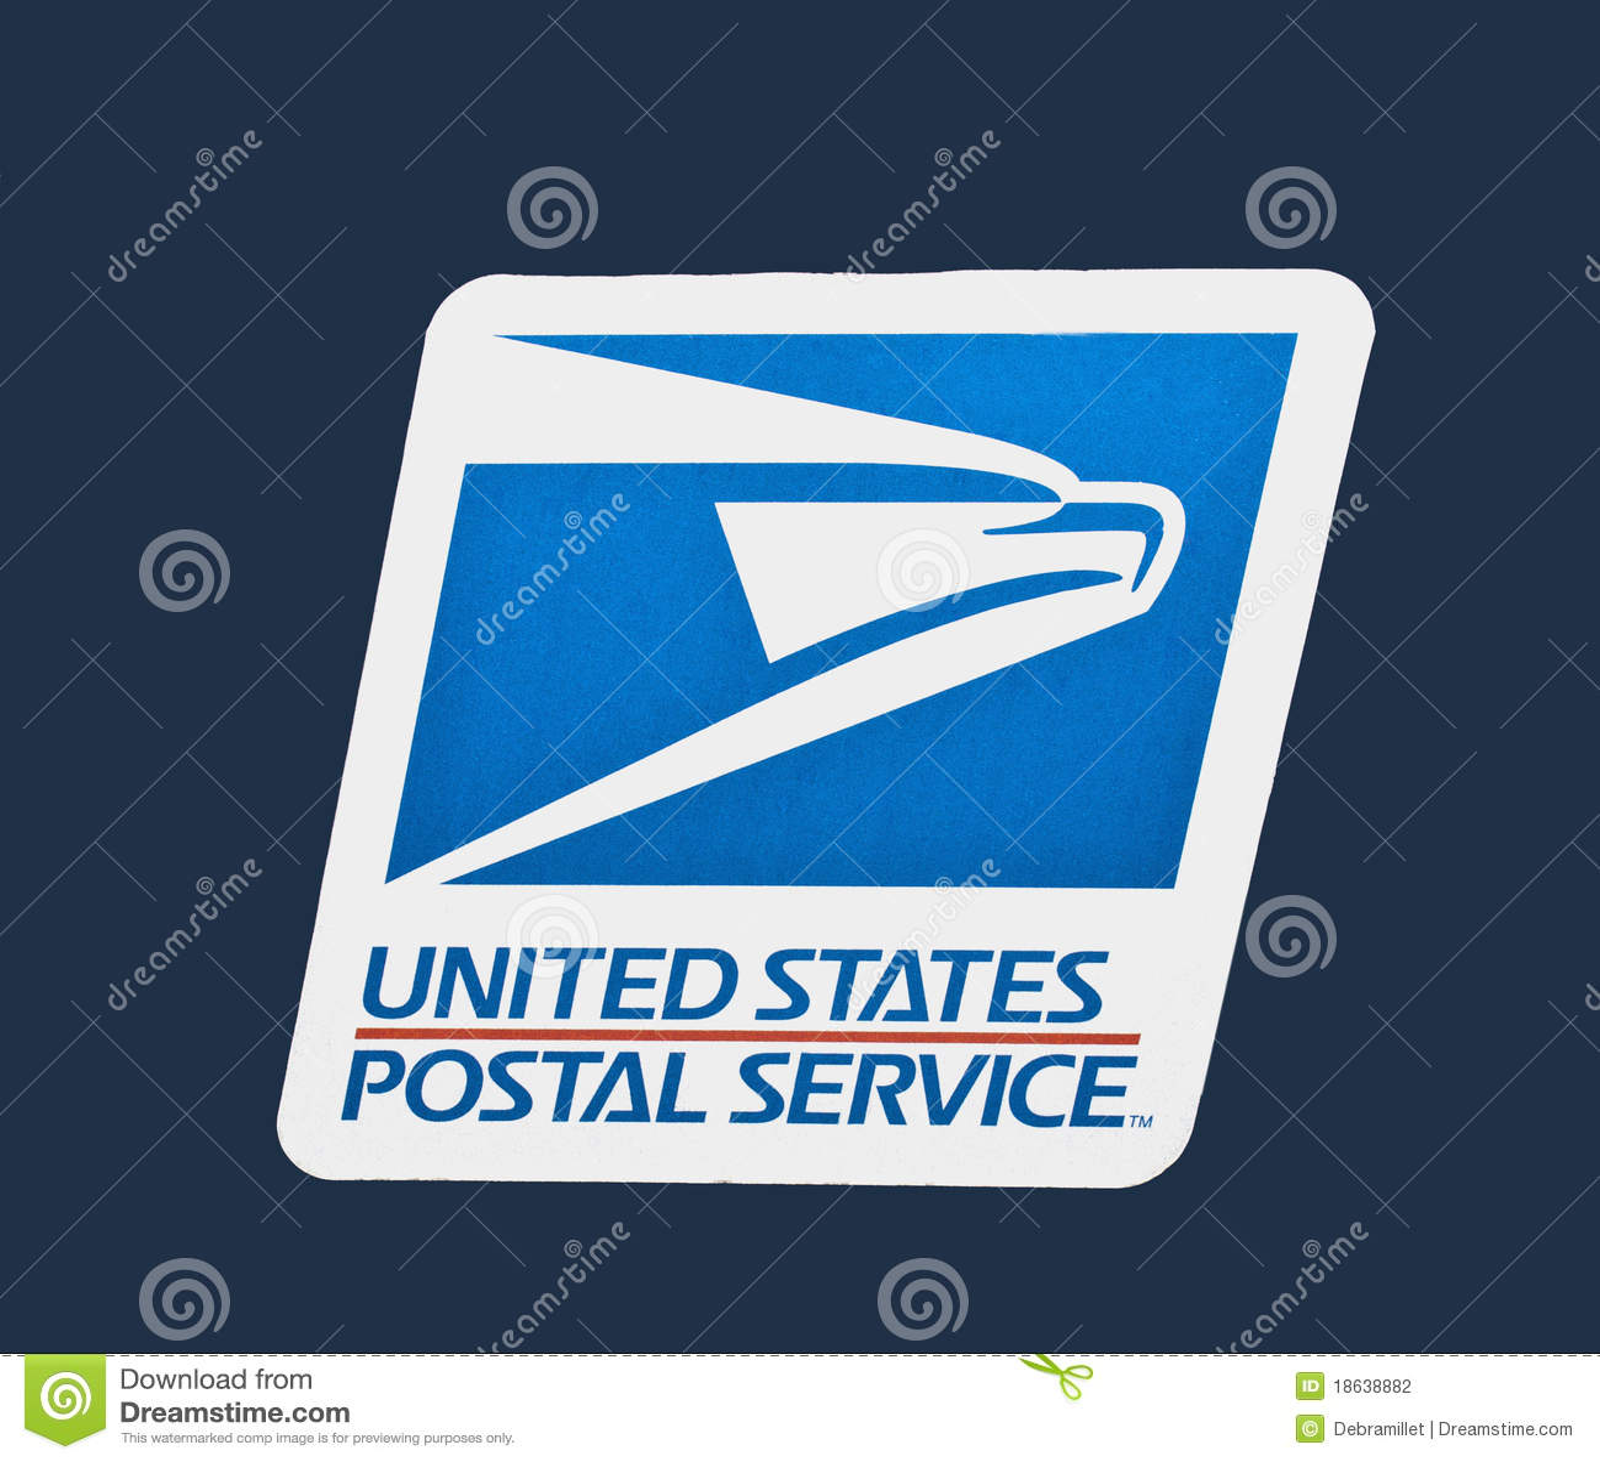 Usps Logo Png Usps Logo Vector